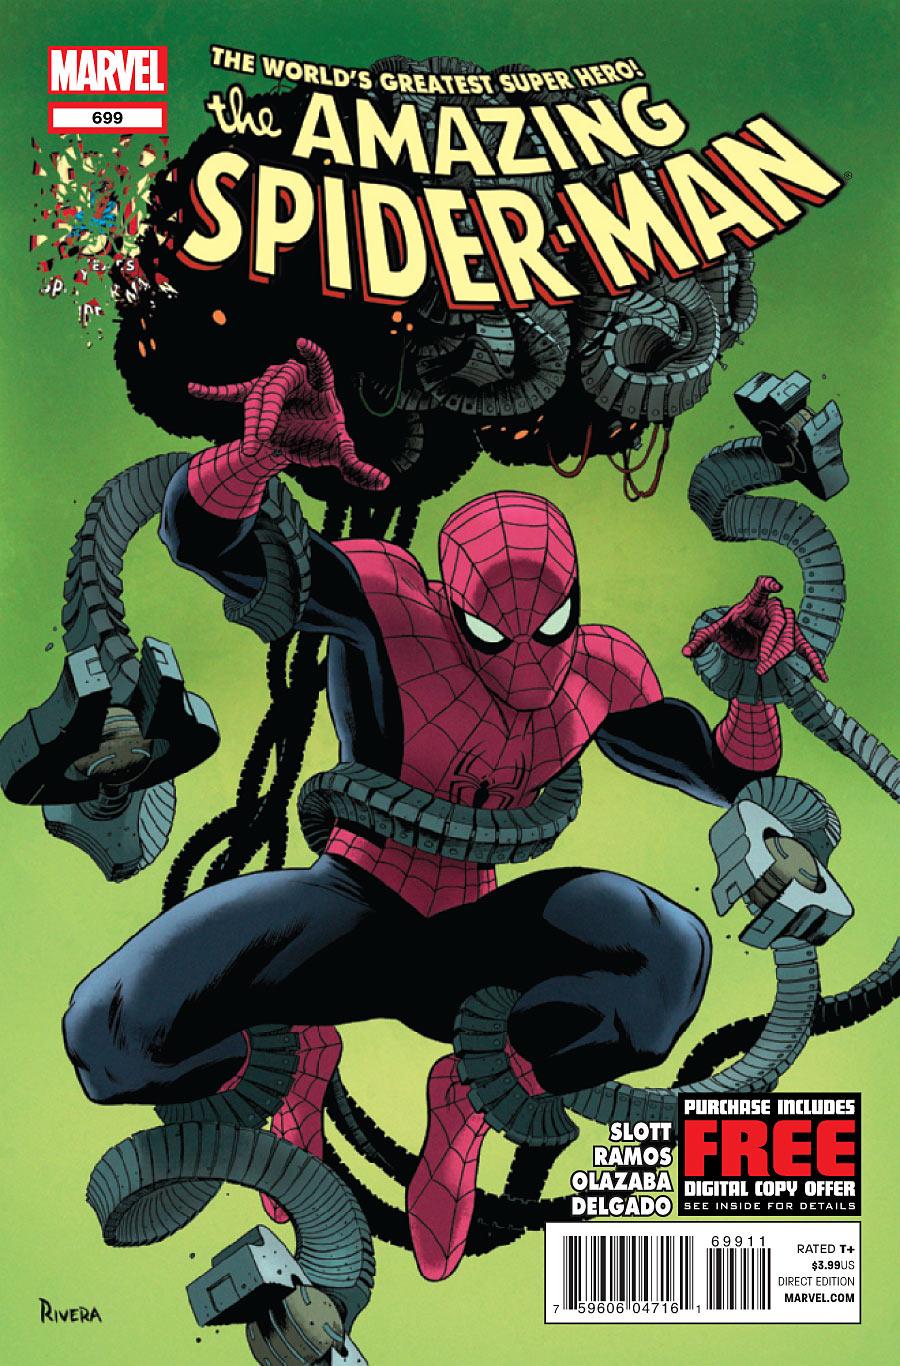 Amazing_Spider-Man_Vol_1_699